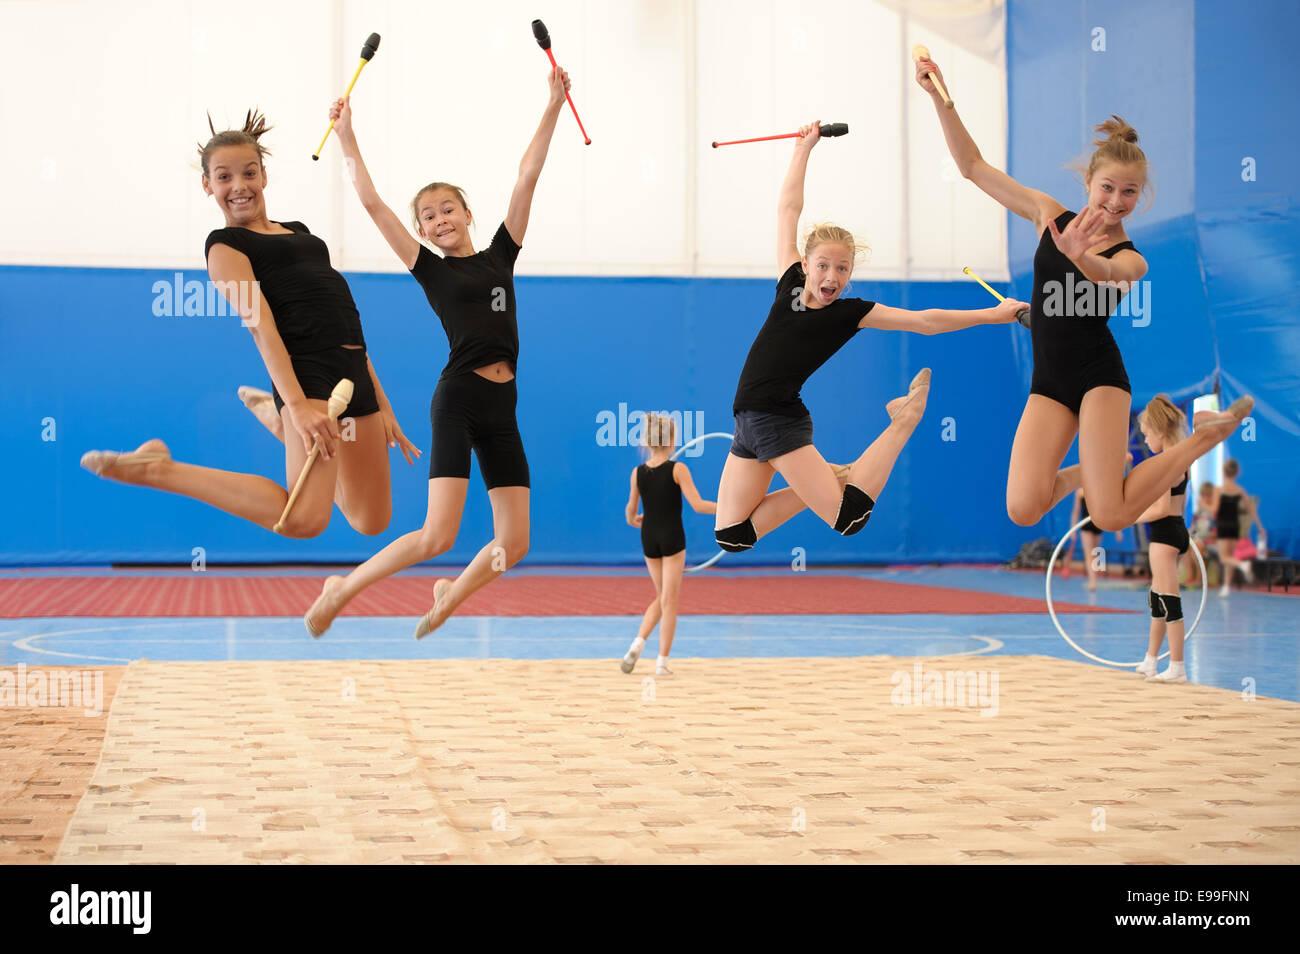 Las niñas con clubes de India durante el salto de altura Imagen De Stock